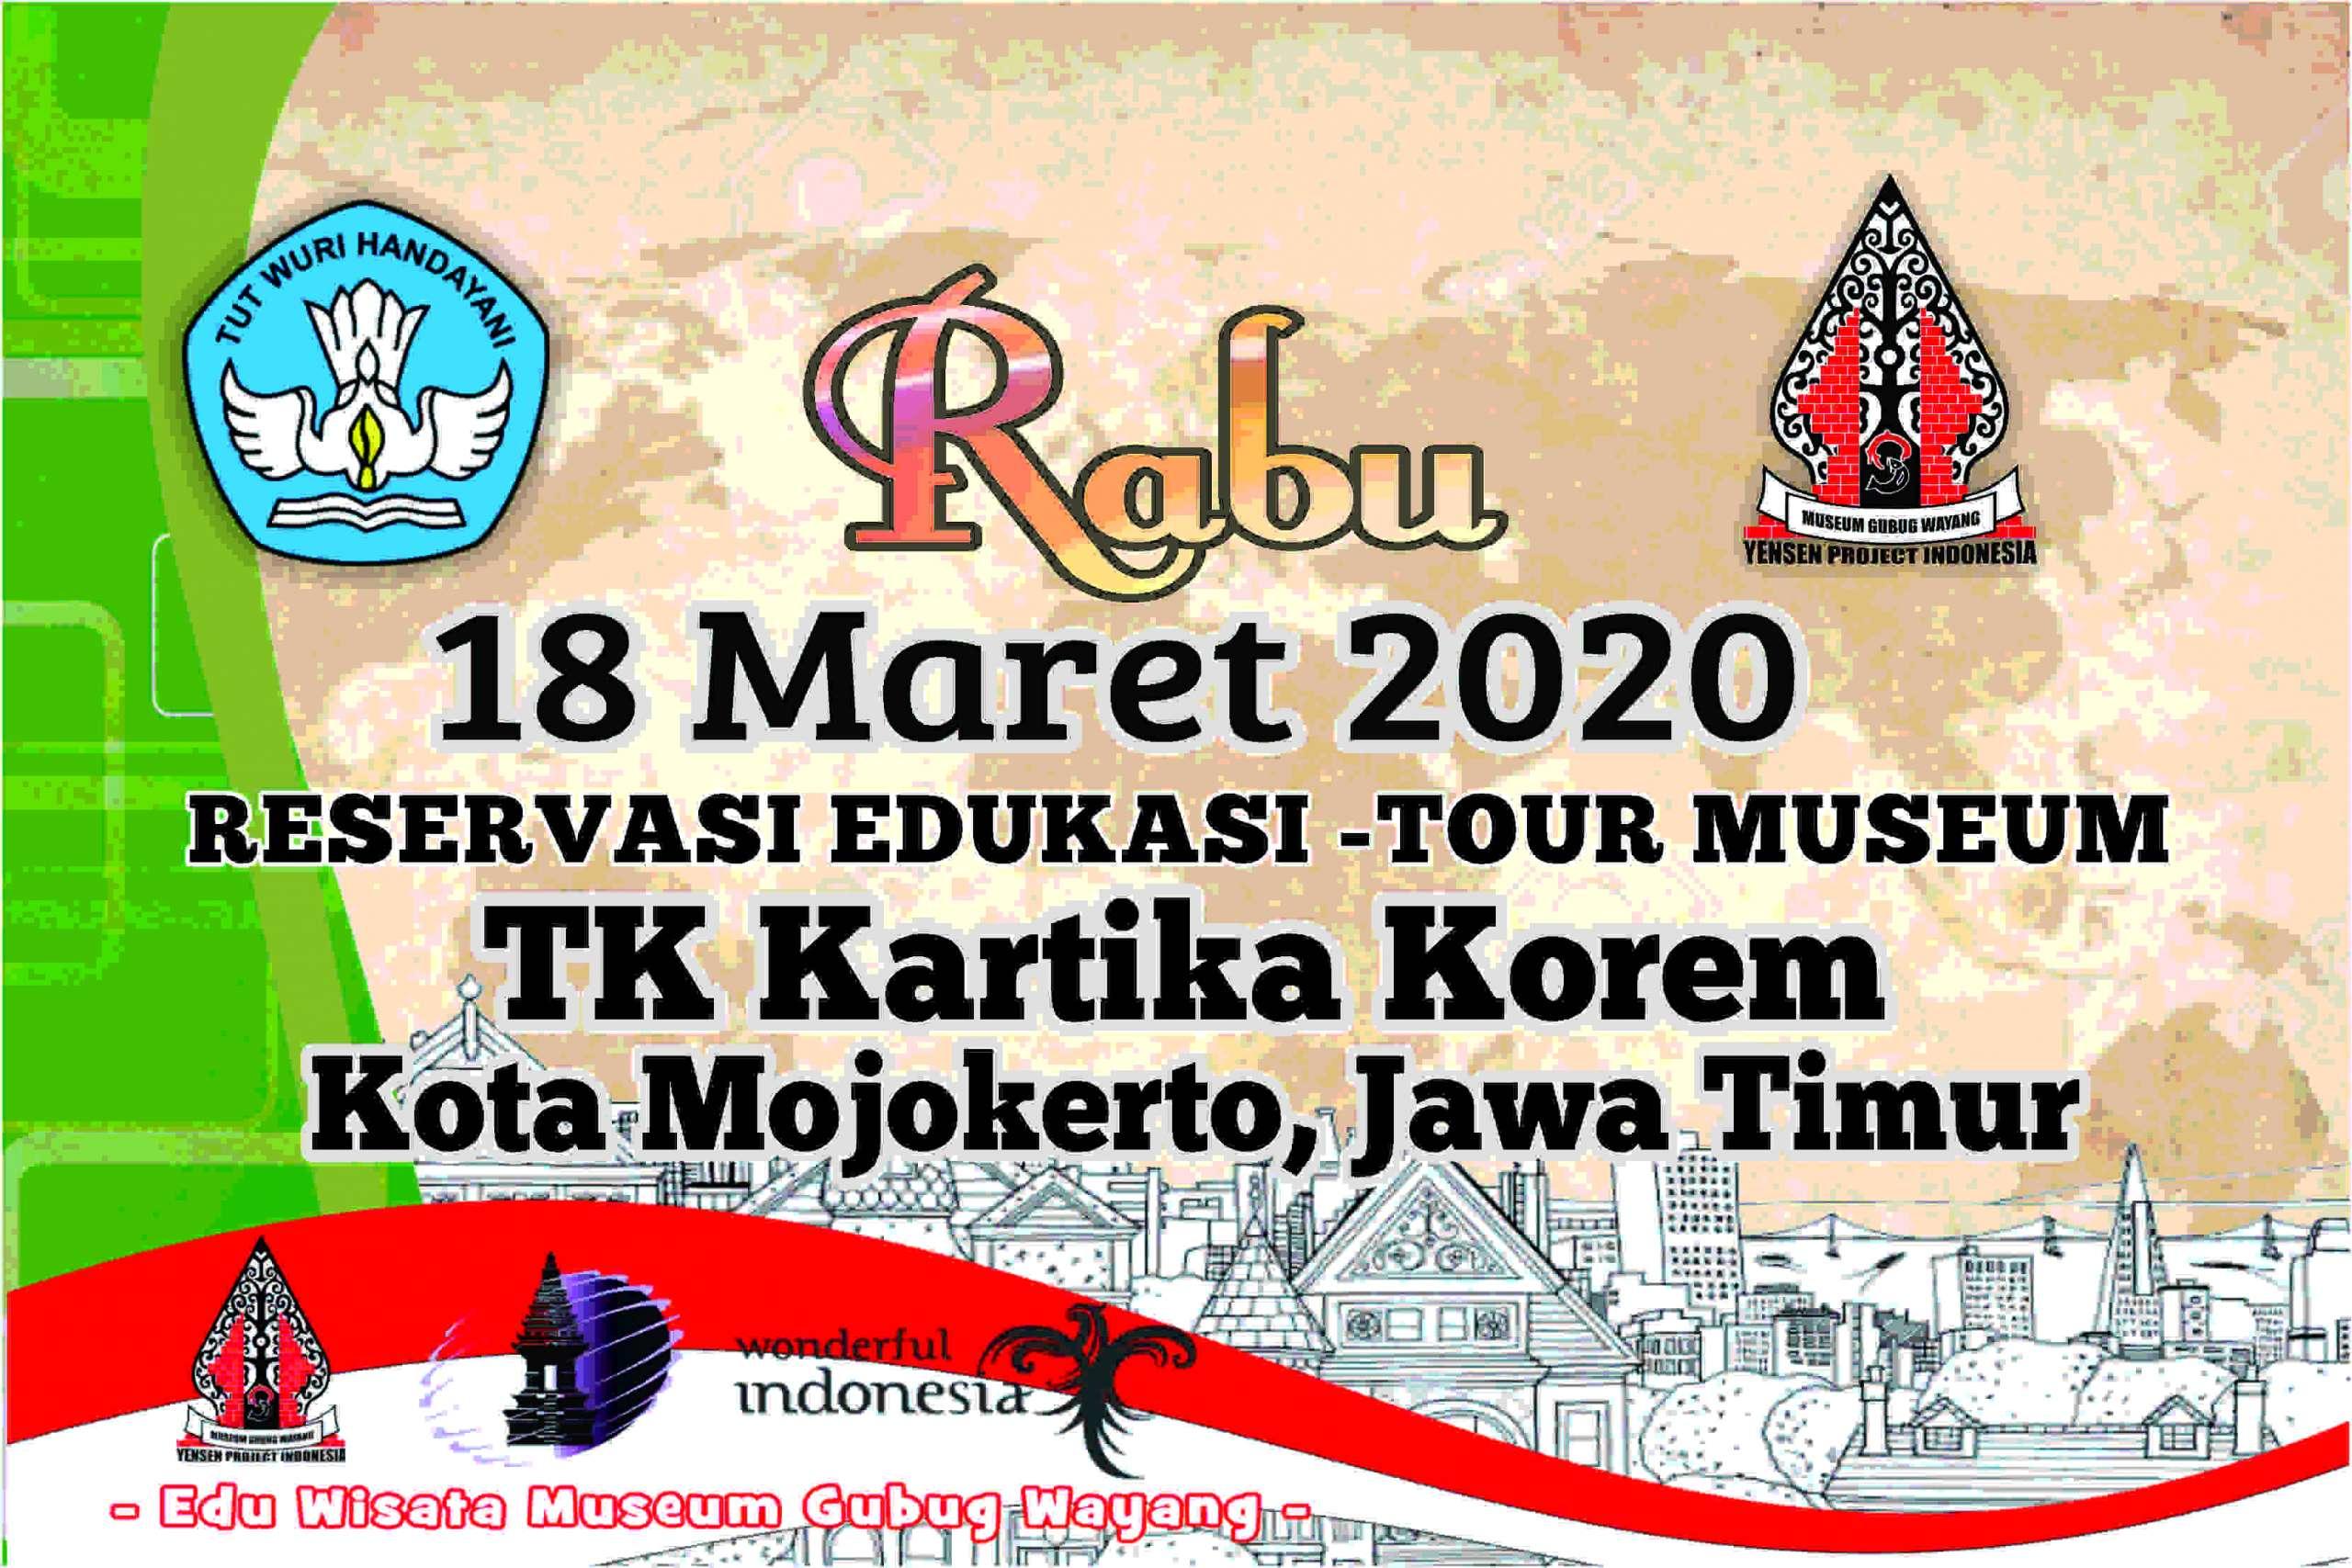 Reservasi Kunjungan TK Kartika Korem Mojokerto